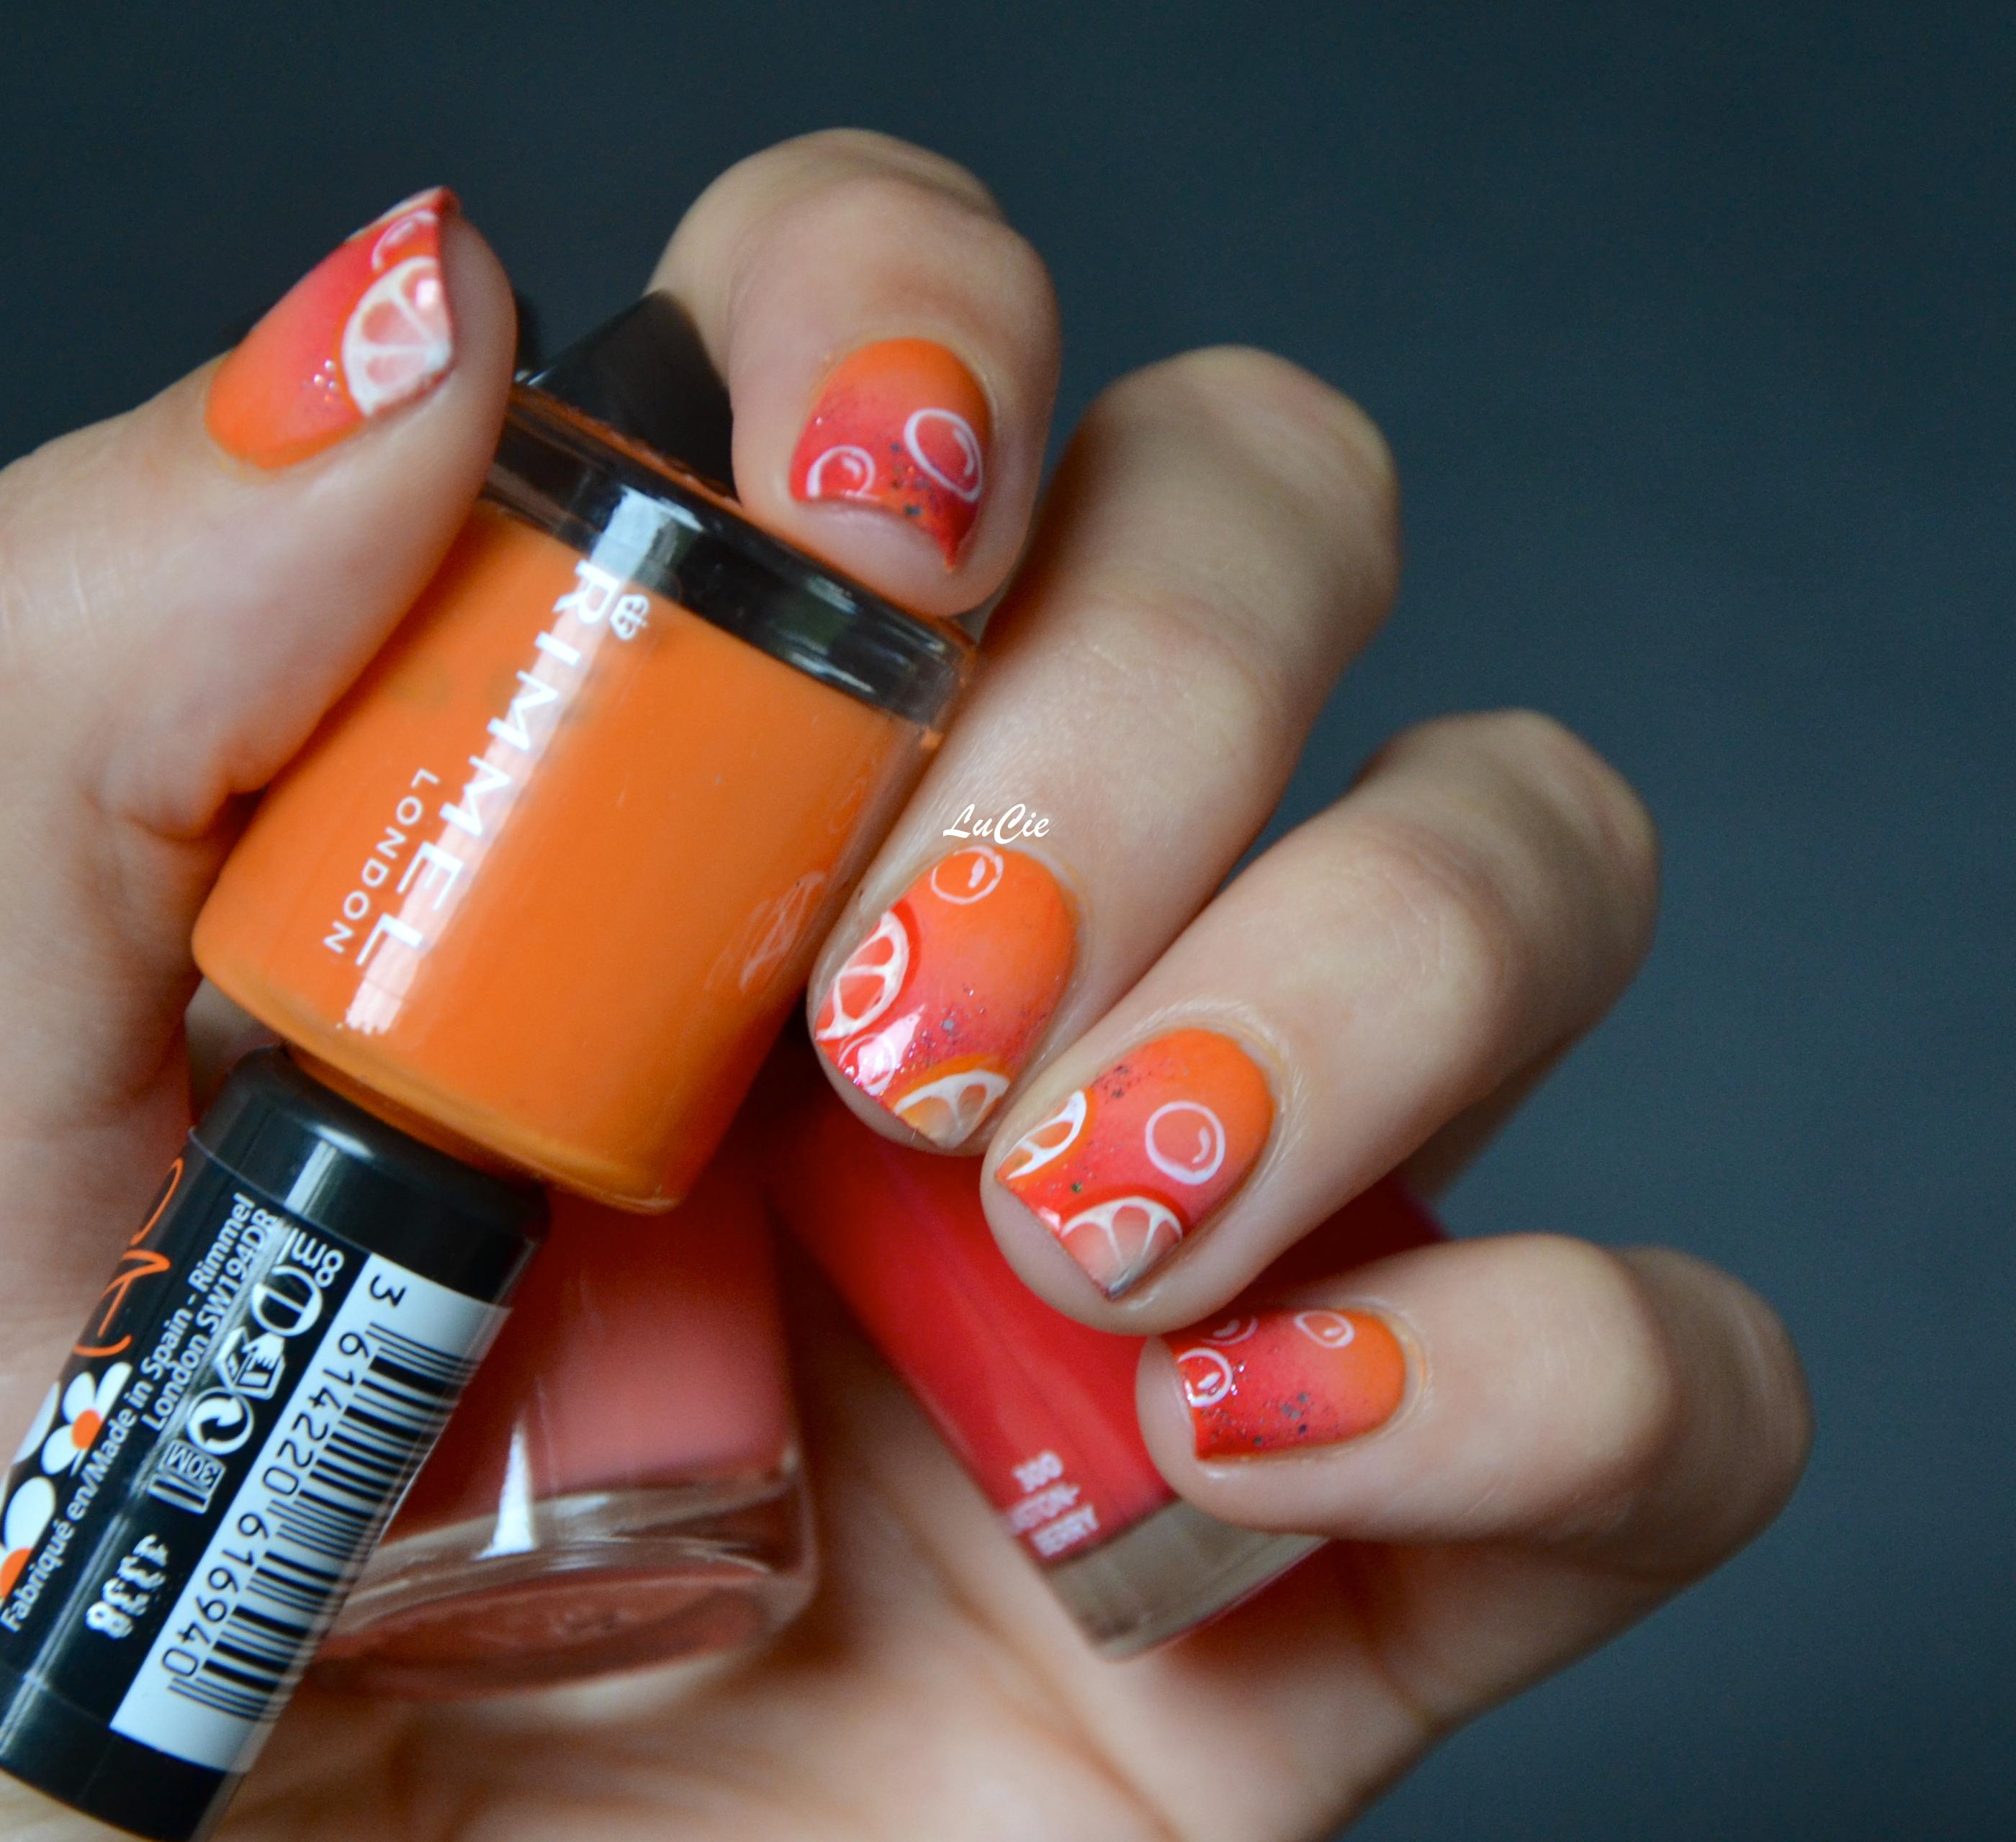 Idée Vernis Facile avec les ongles de lucie | de la couleur, un petit peu d'idée, et hop!